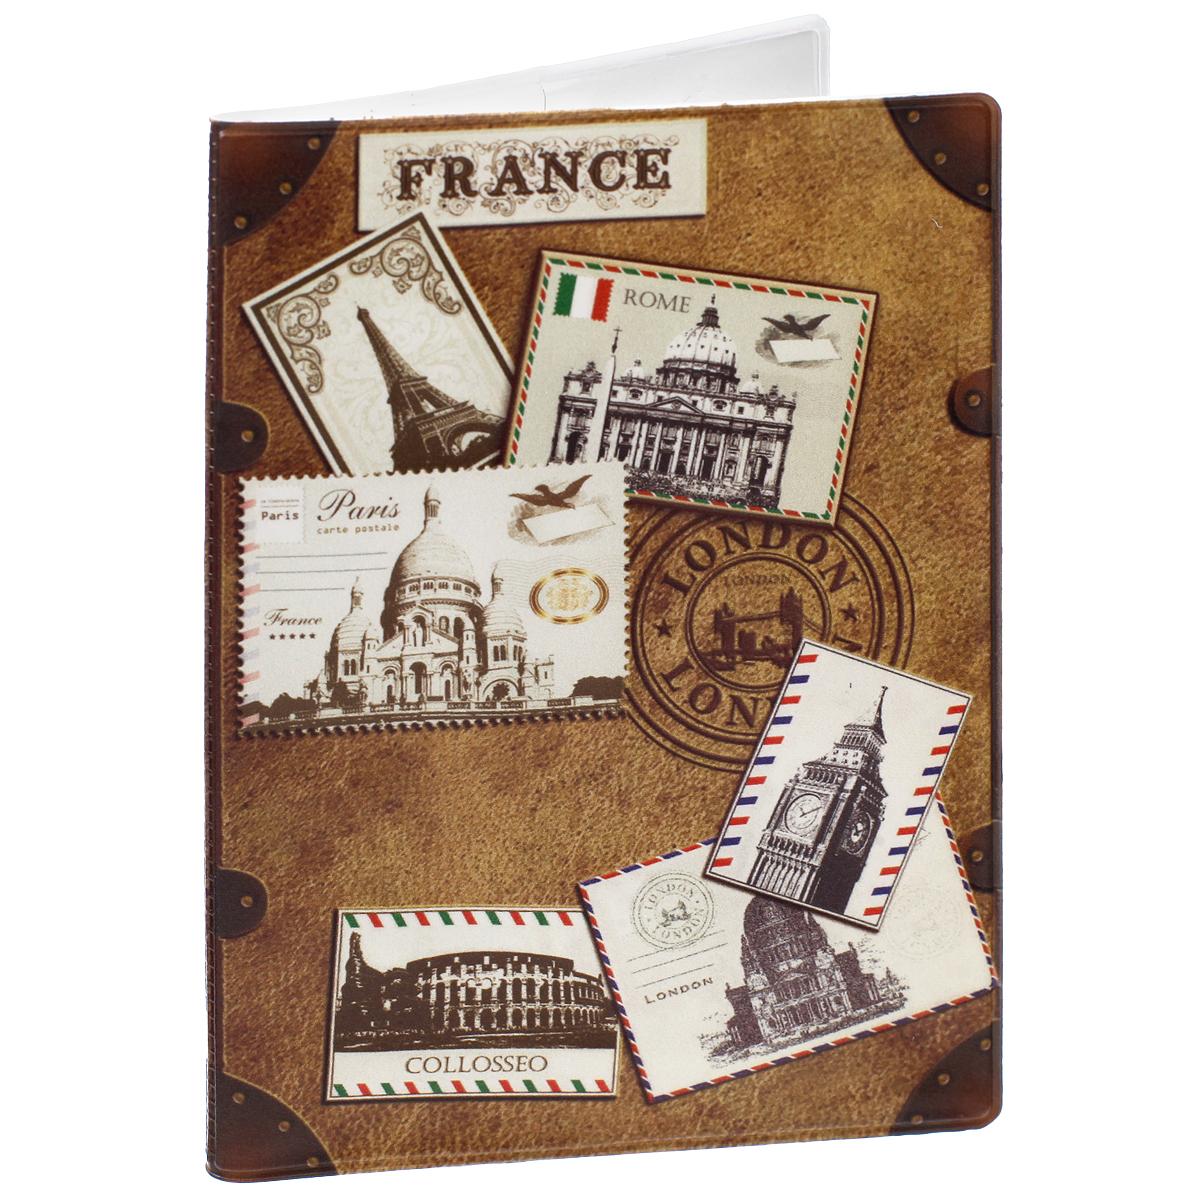 Обложка для паспорта Почтовые марки мира, цвет: коричневый. 2907529075Обложка для паспорта Почтовые марки мира не только поможет сохранить внешний вид ваших документов и защитить их от повреждений, но и станет стильным аксессуаром, идеально подходящим вашему образу. Обложка выполнена из поливинилхлорида и оформлена оригинальным изображением почтовых марок из разных городов мира. Внутри имеет два вертикальных кармана из прозрачного пластика. Такая обложка поможет вам подчеркнуть свою индивидуальность и неповторимость!